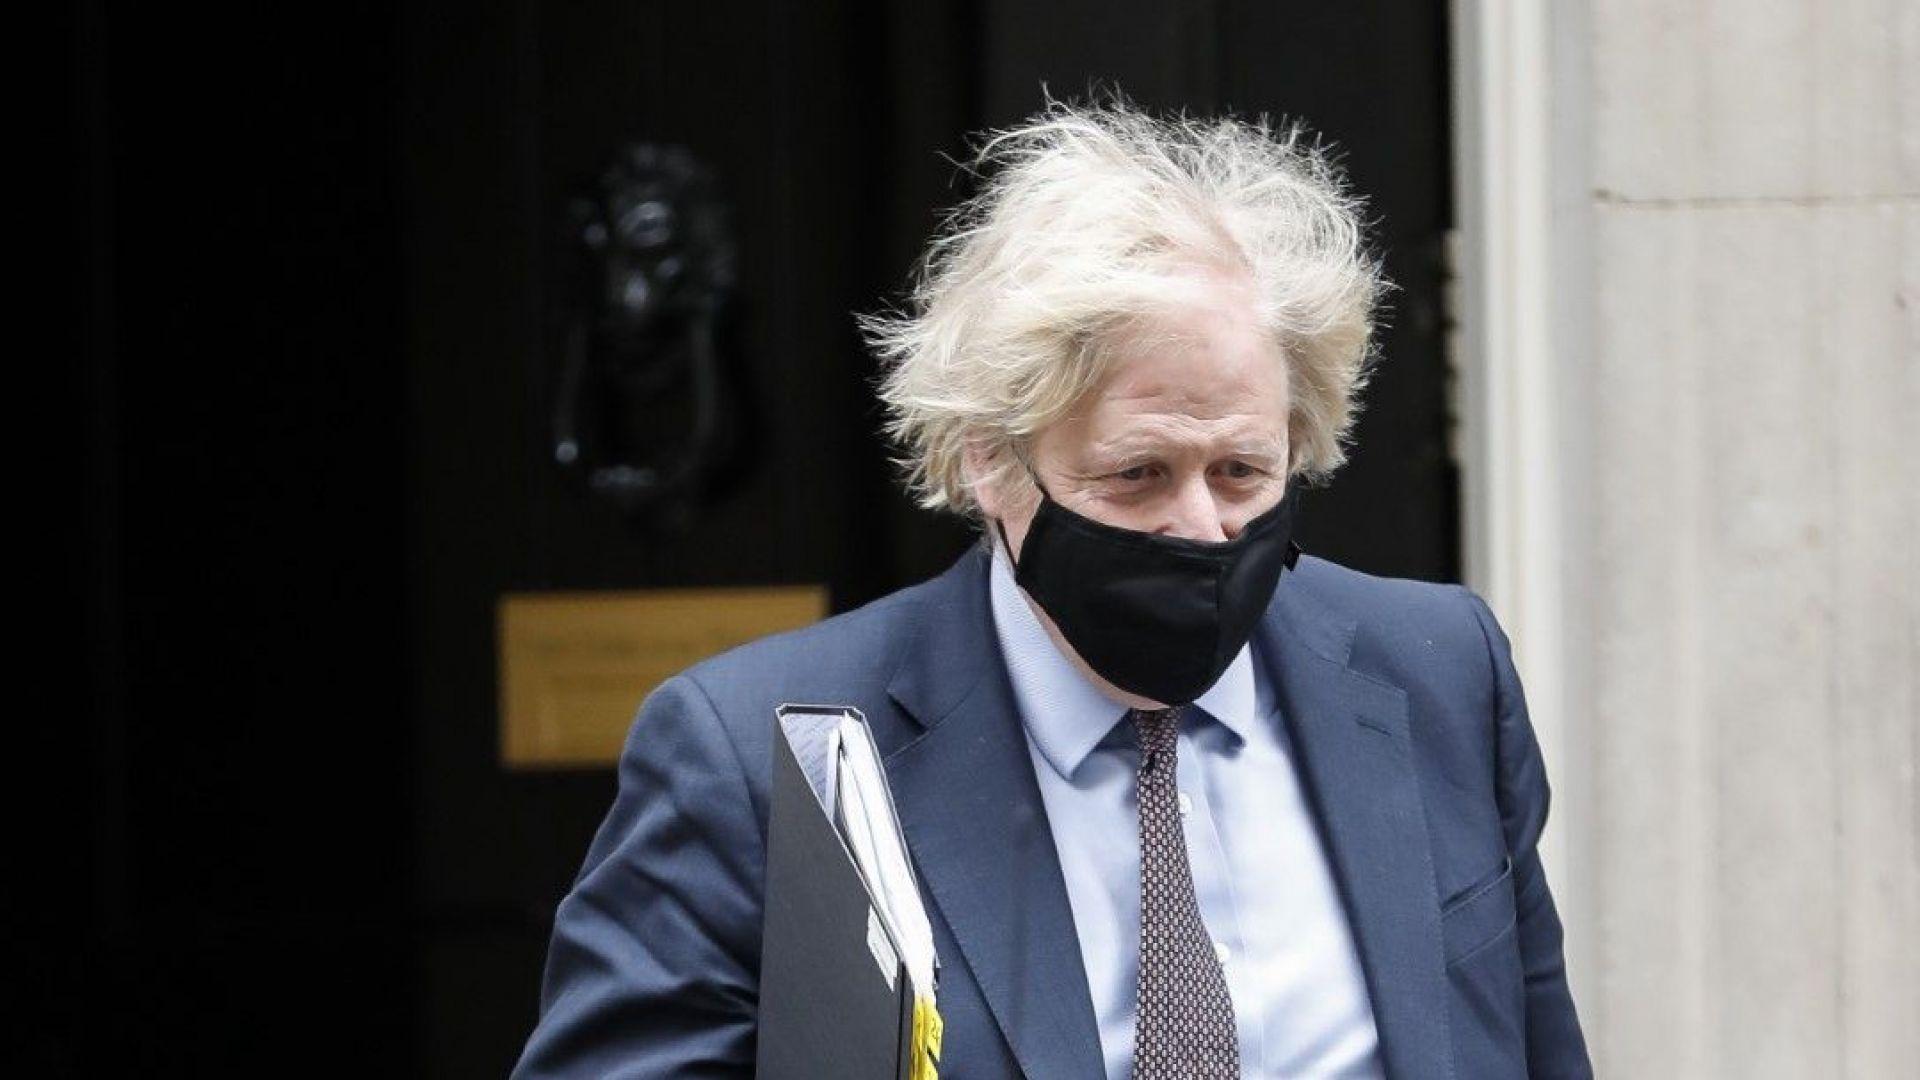 Бившата дясна ръка на Борис Джонсън го обвини в некомпетентност и непочтеност